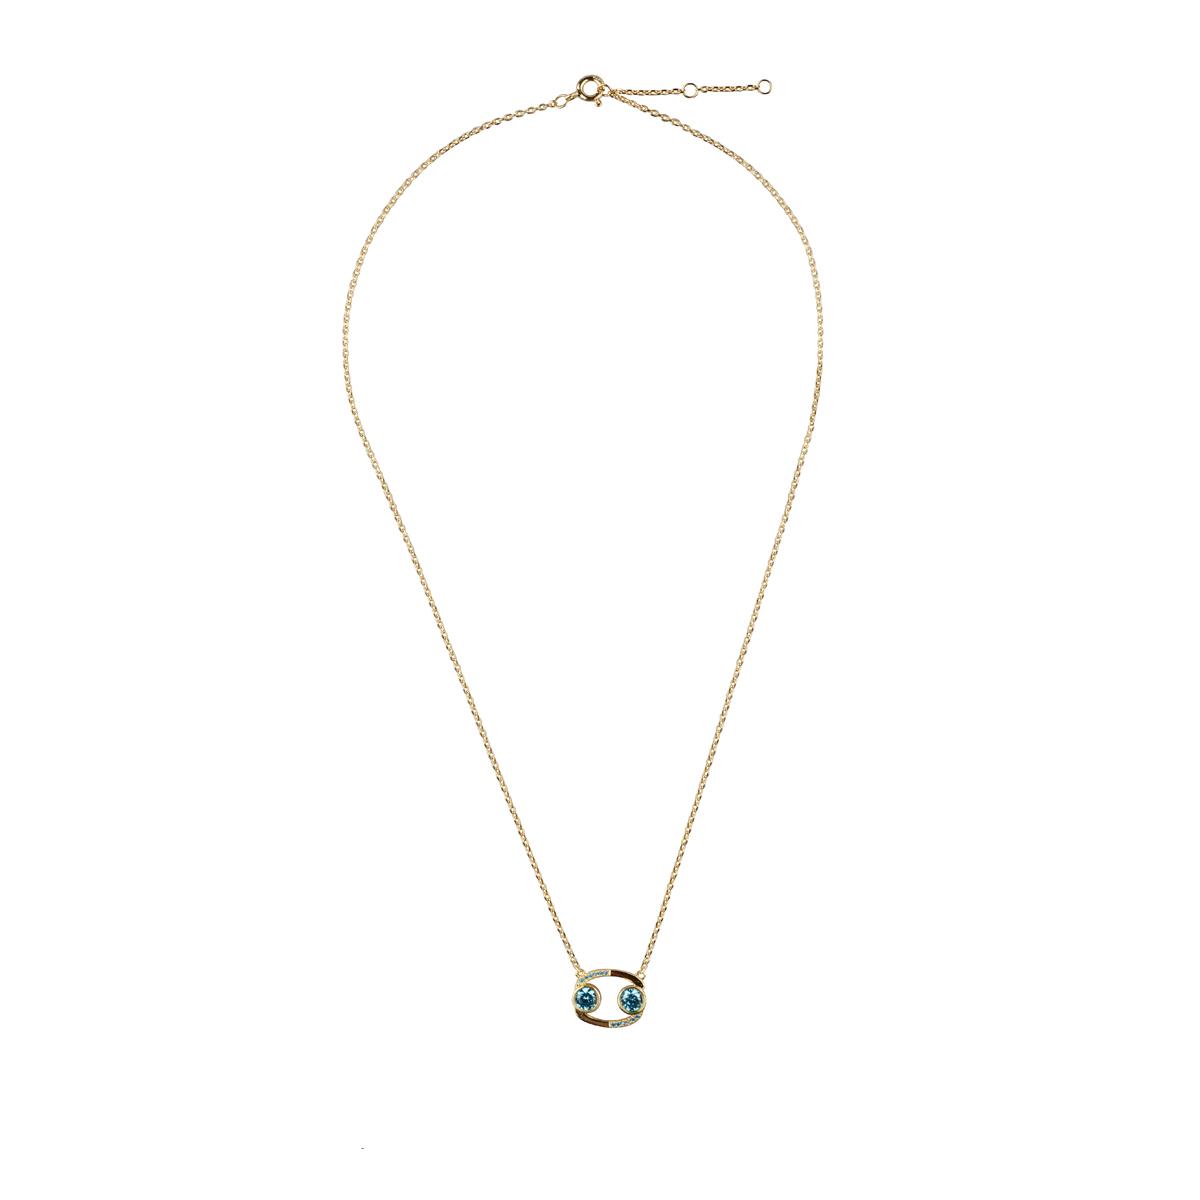 巨蟹座创意设计锁骨链